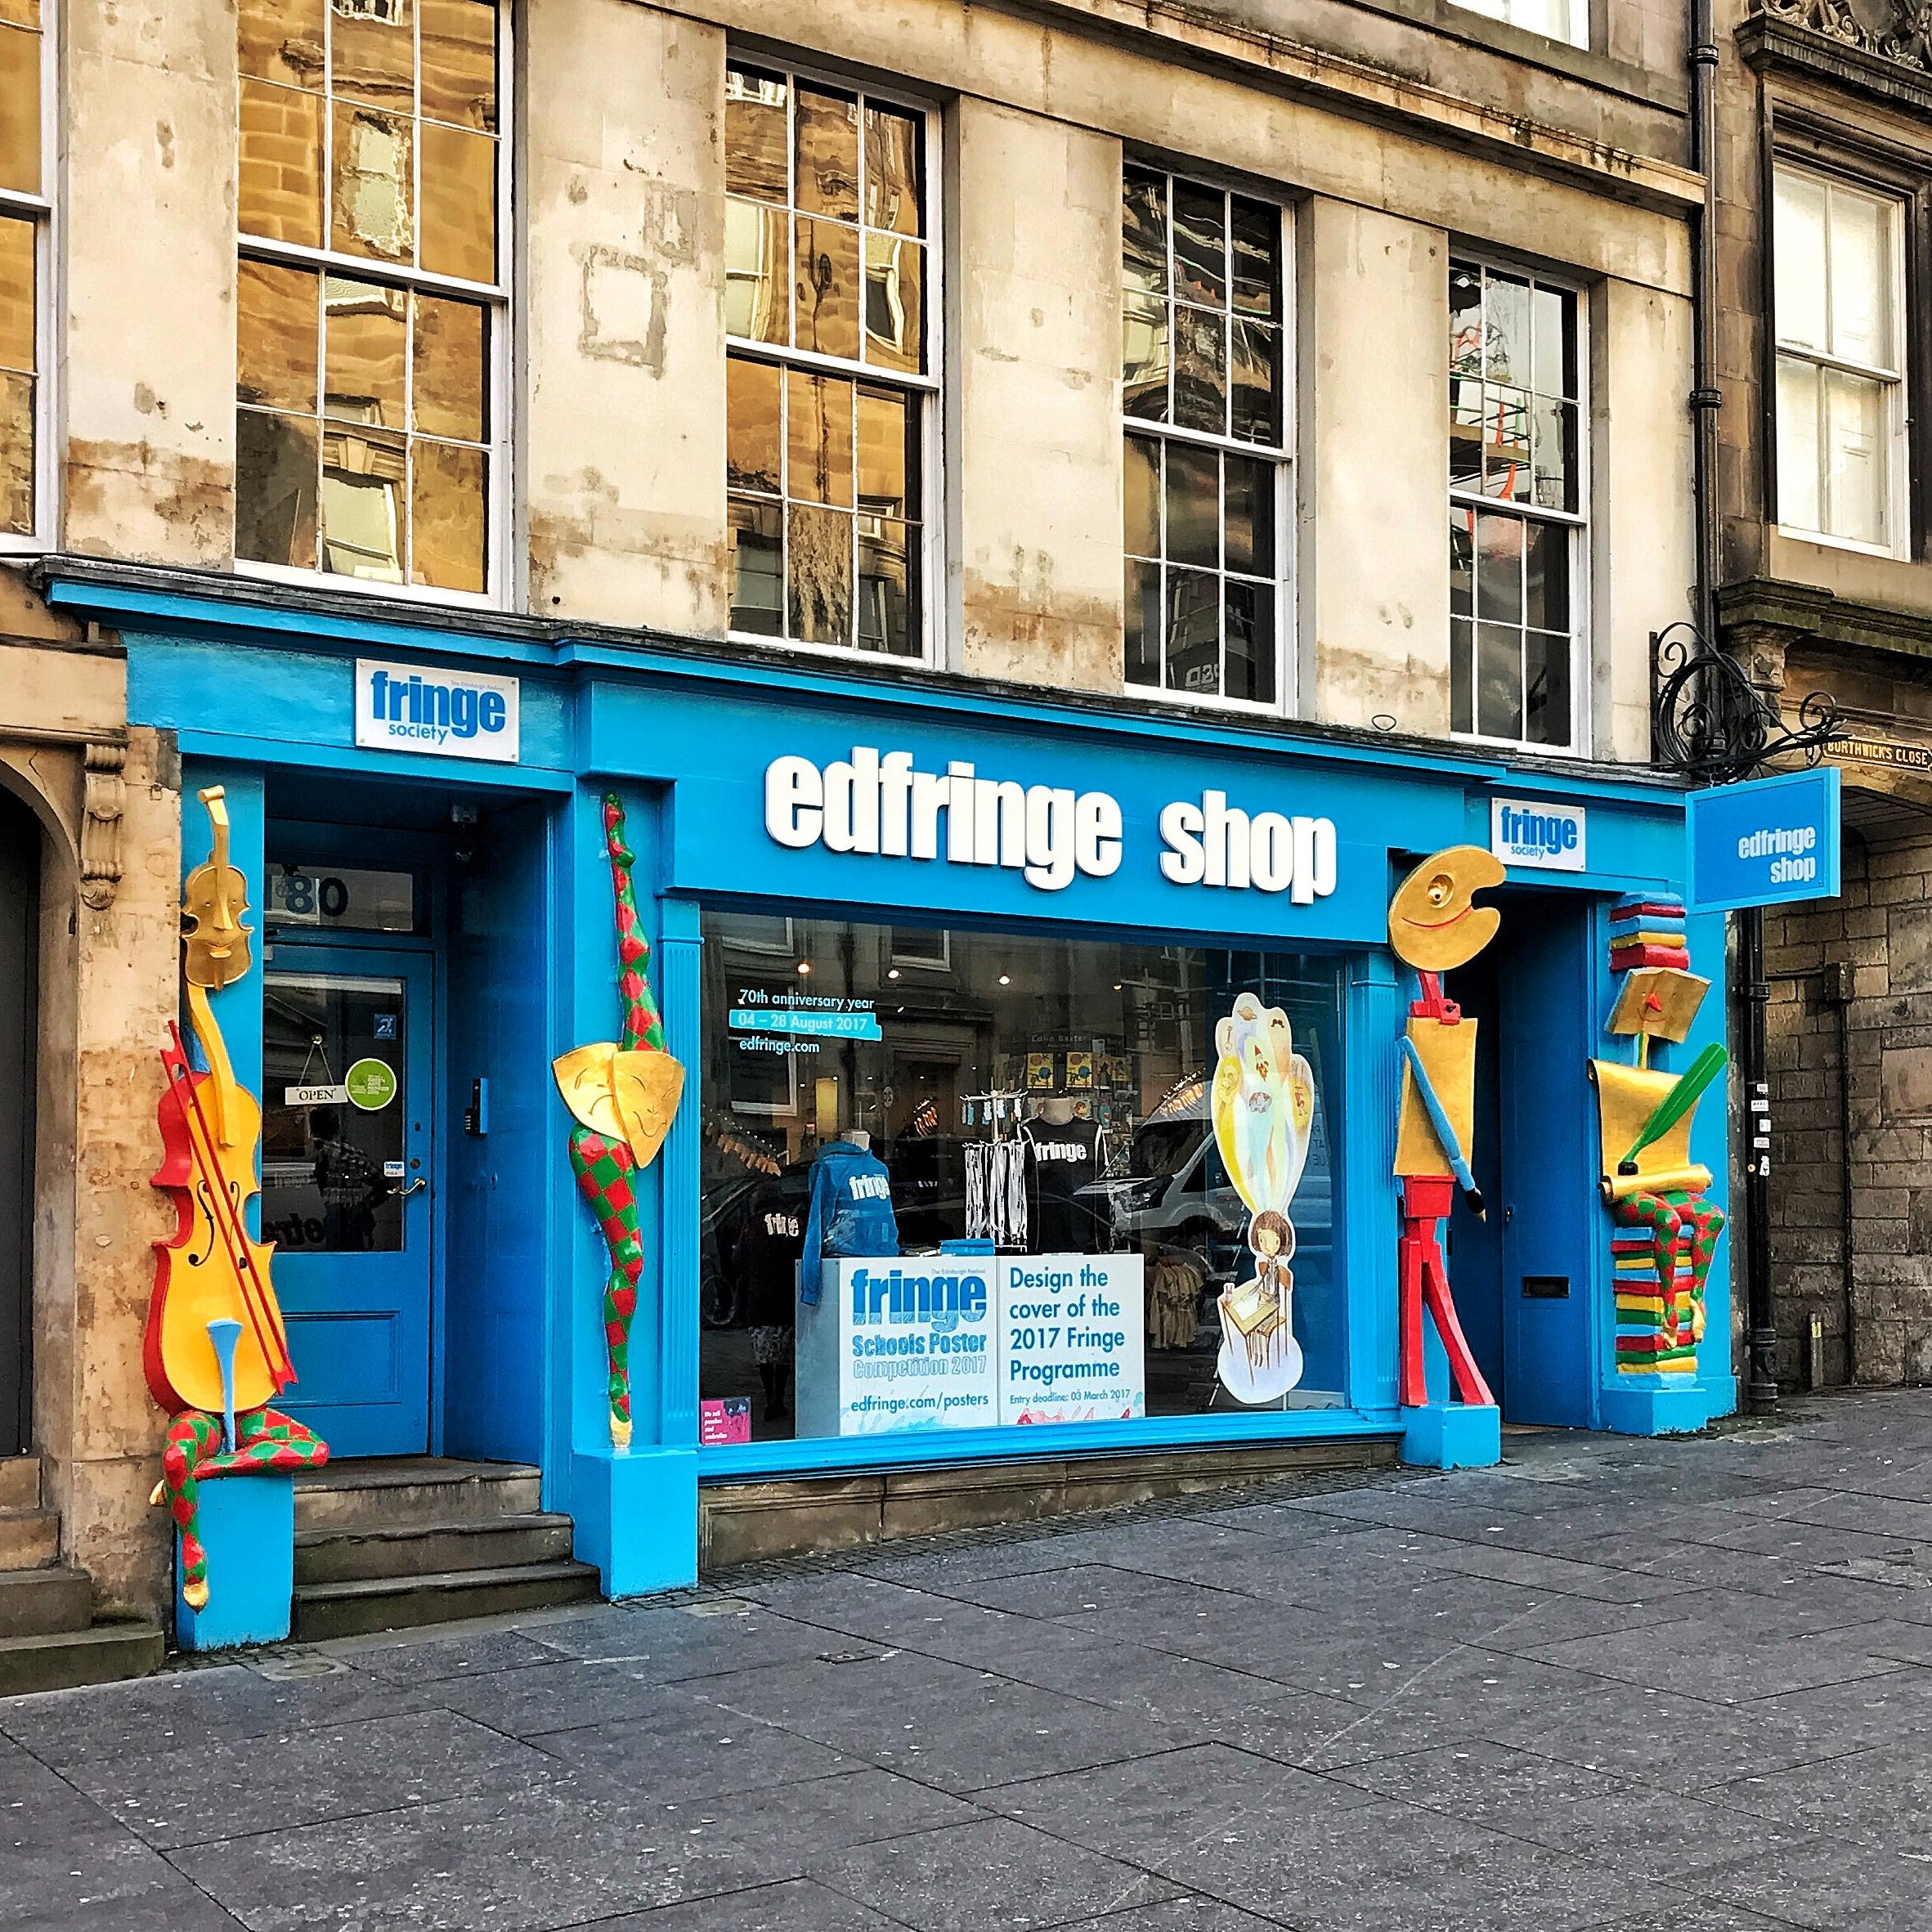 Edinburgh Fringe Shop